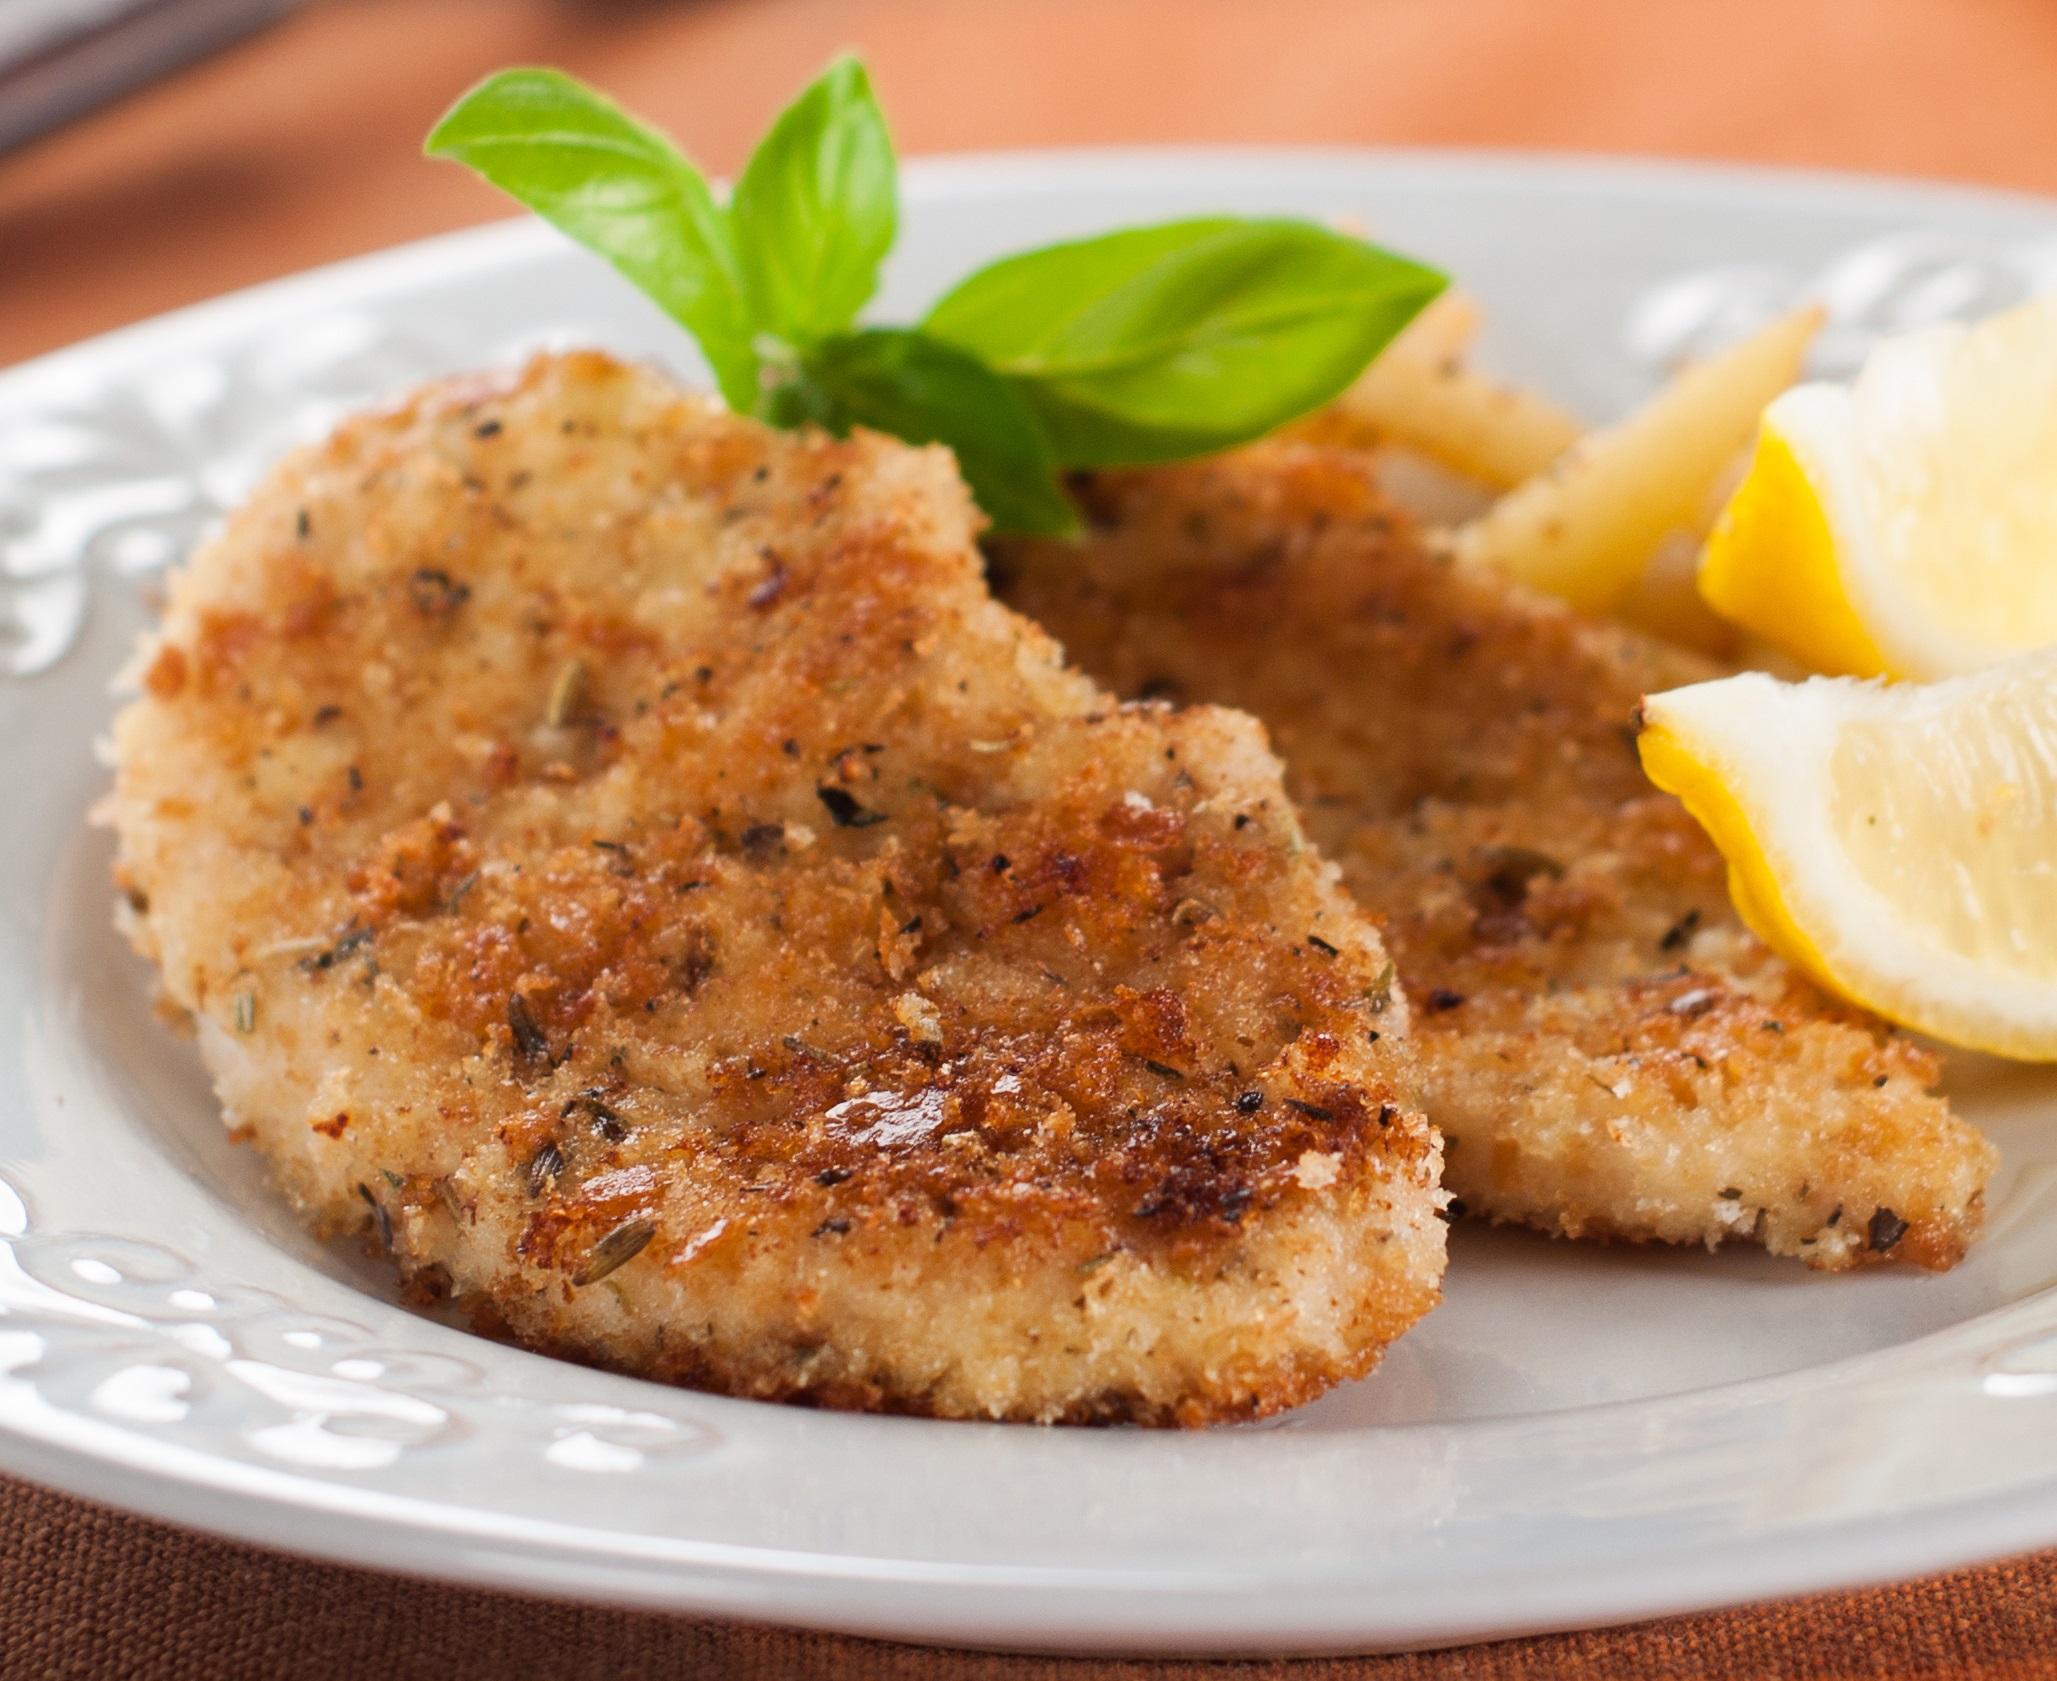 ... - Chicken Chicken Parmesan Crispy Oven-baked Parmesan Chicken Breast